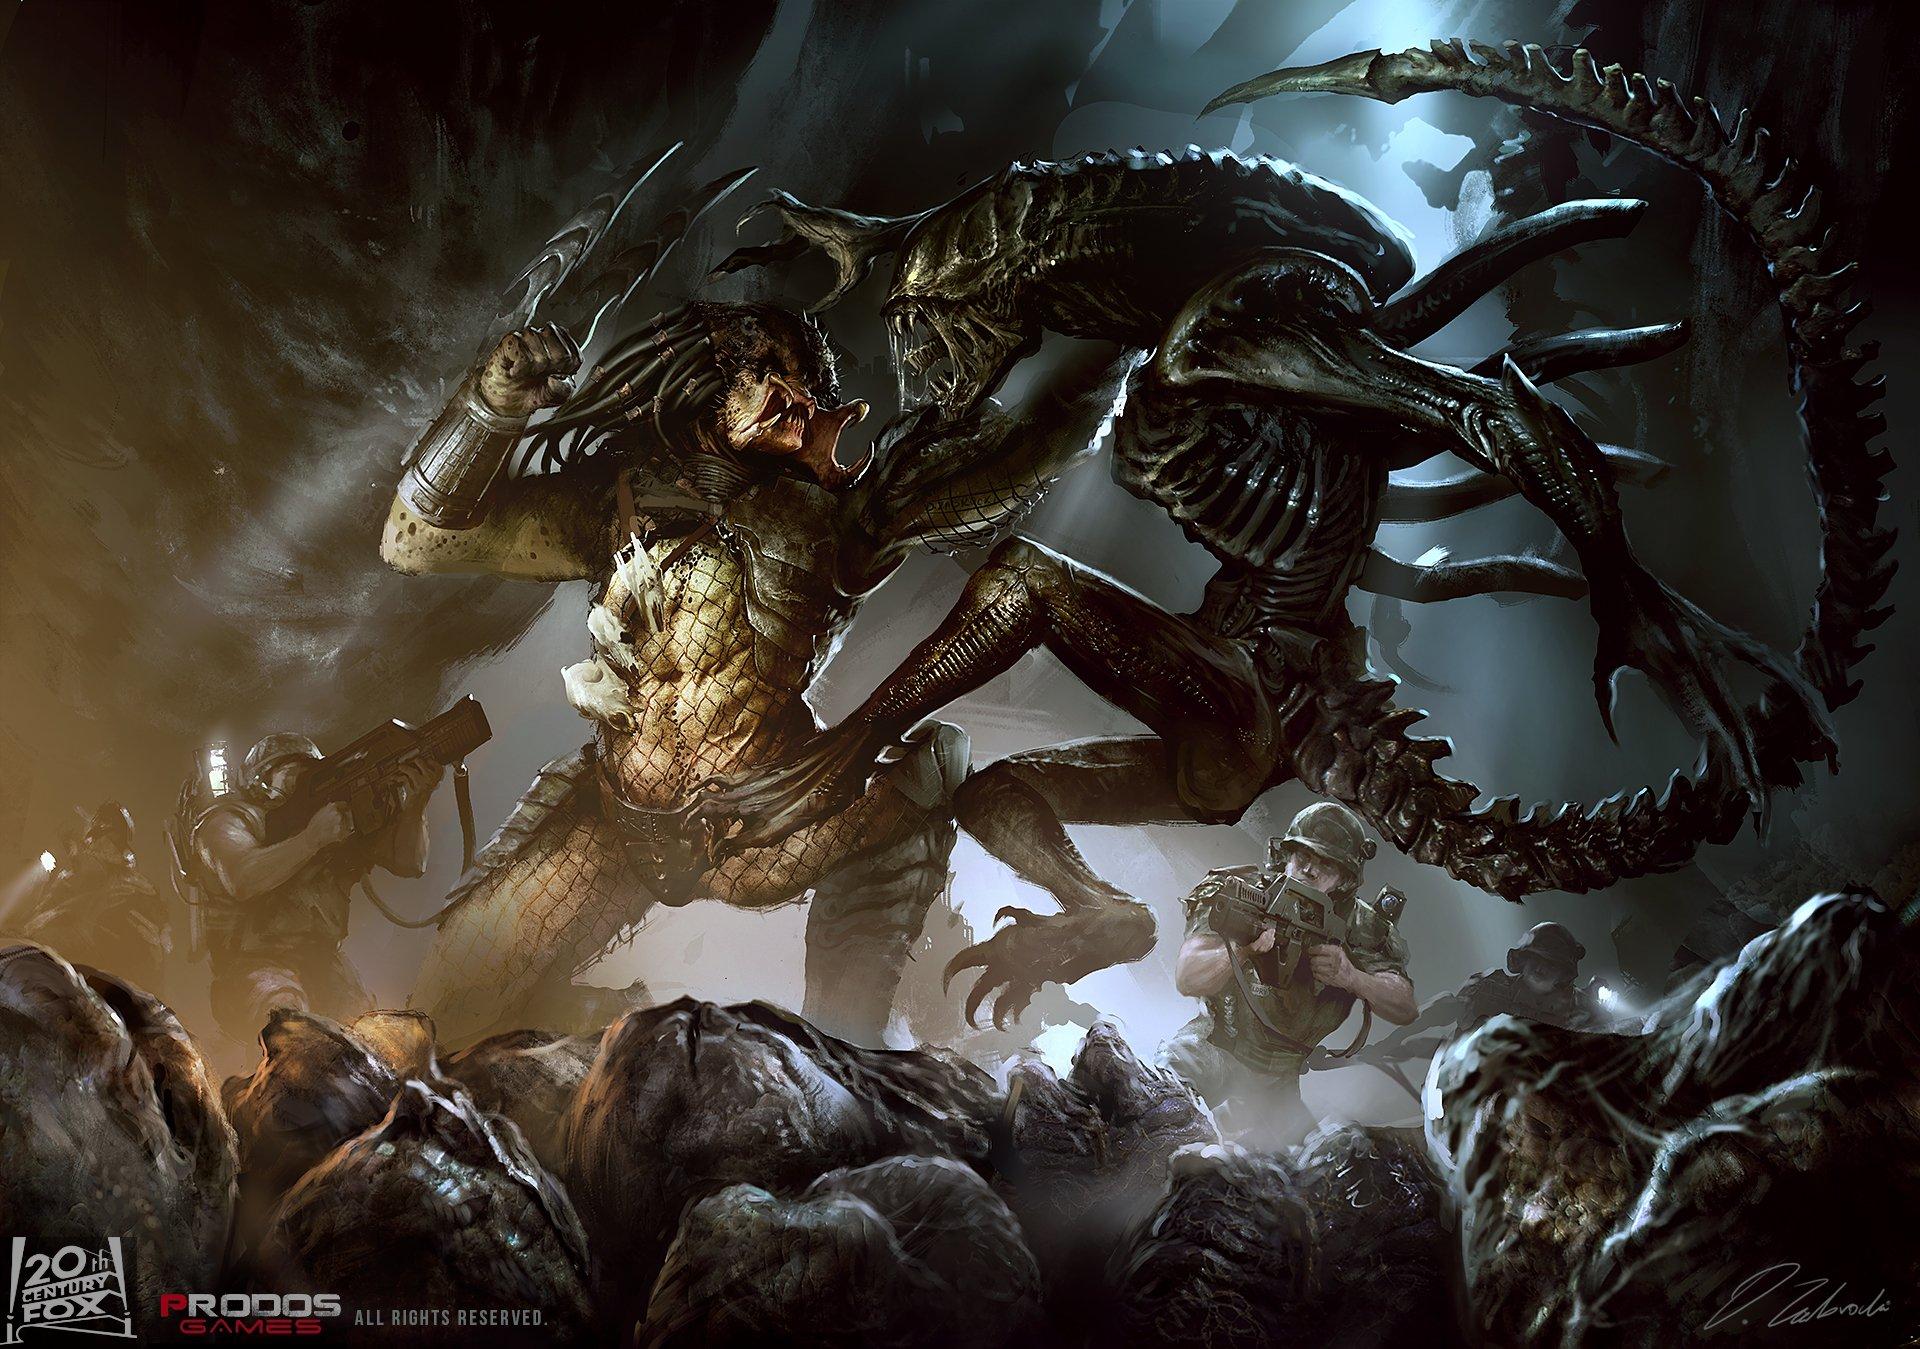 Aliens Vs. Predator Full HD Fond d'écran and Arrière-Plan | 1920x1349 | ID:610427